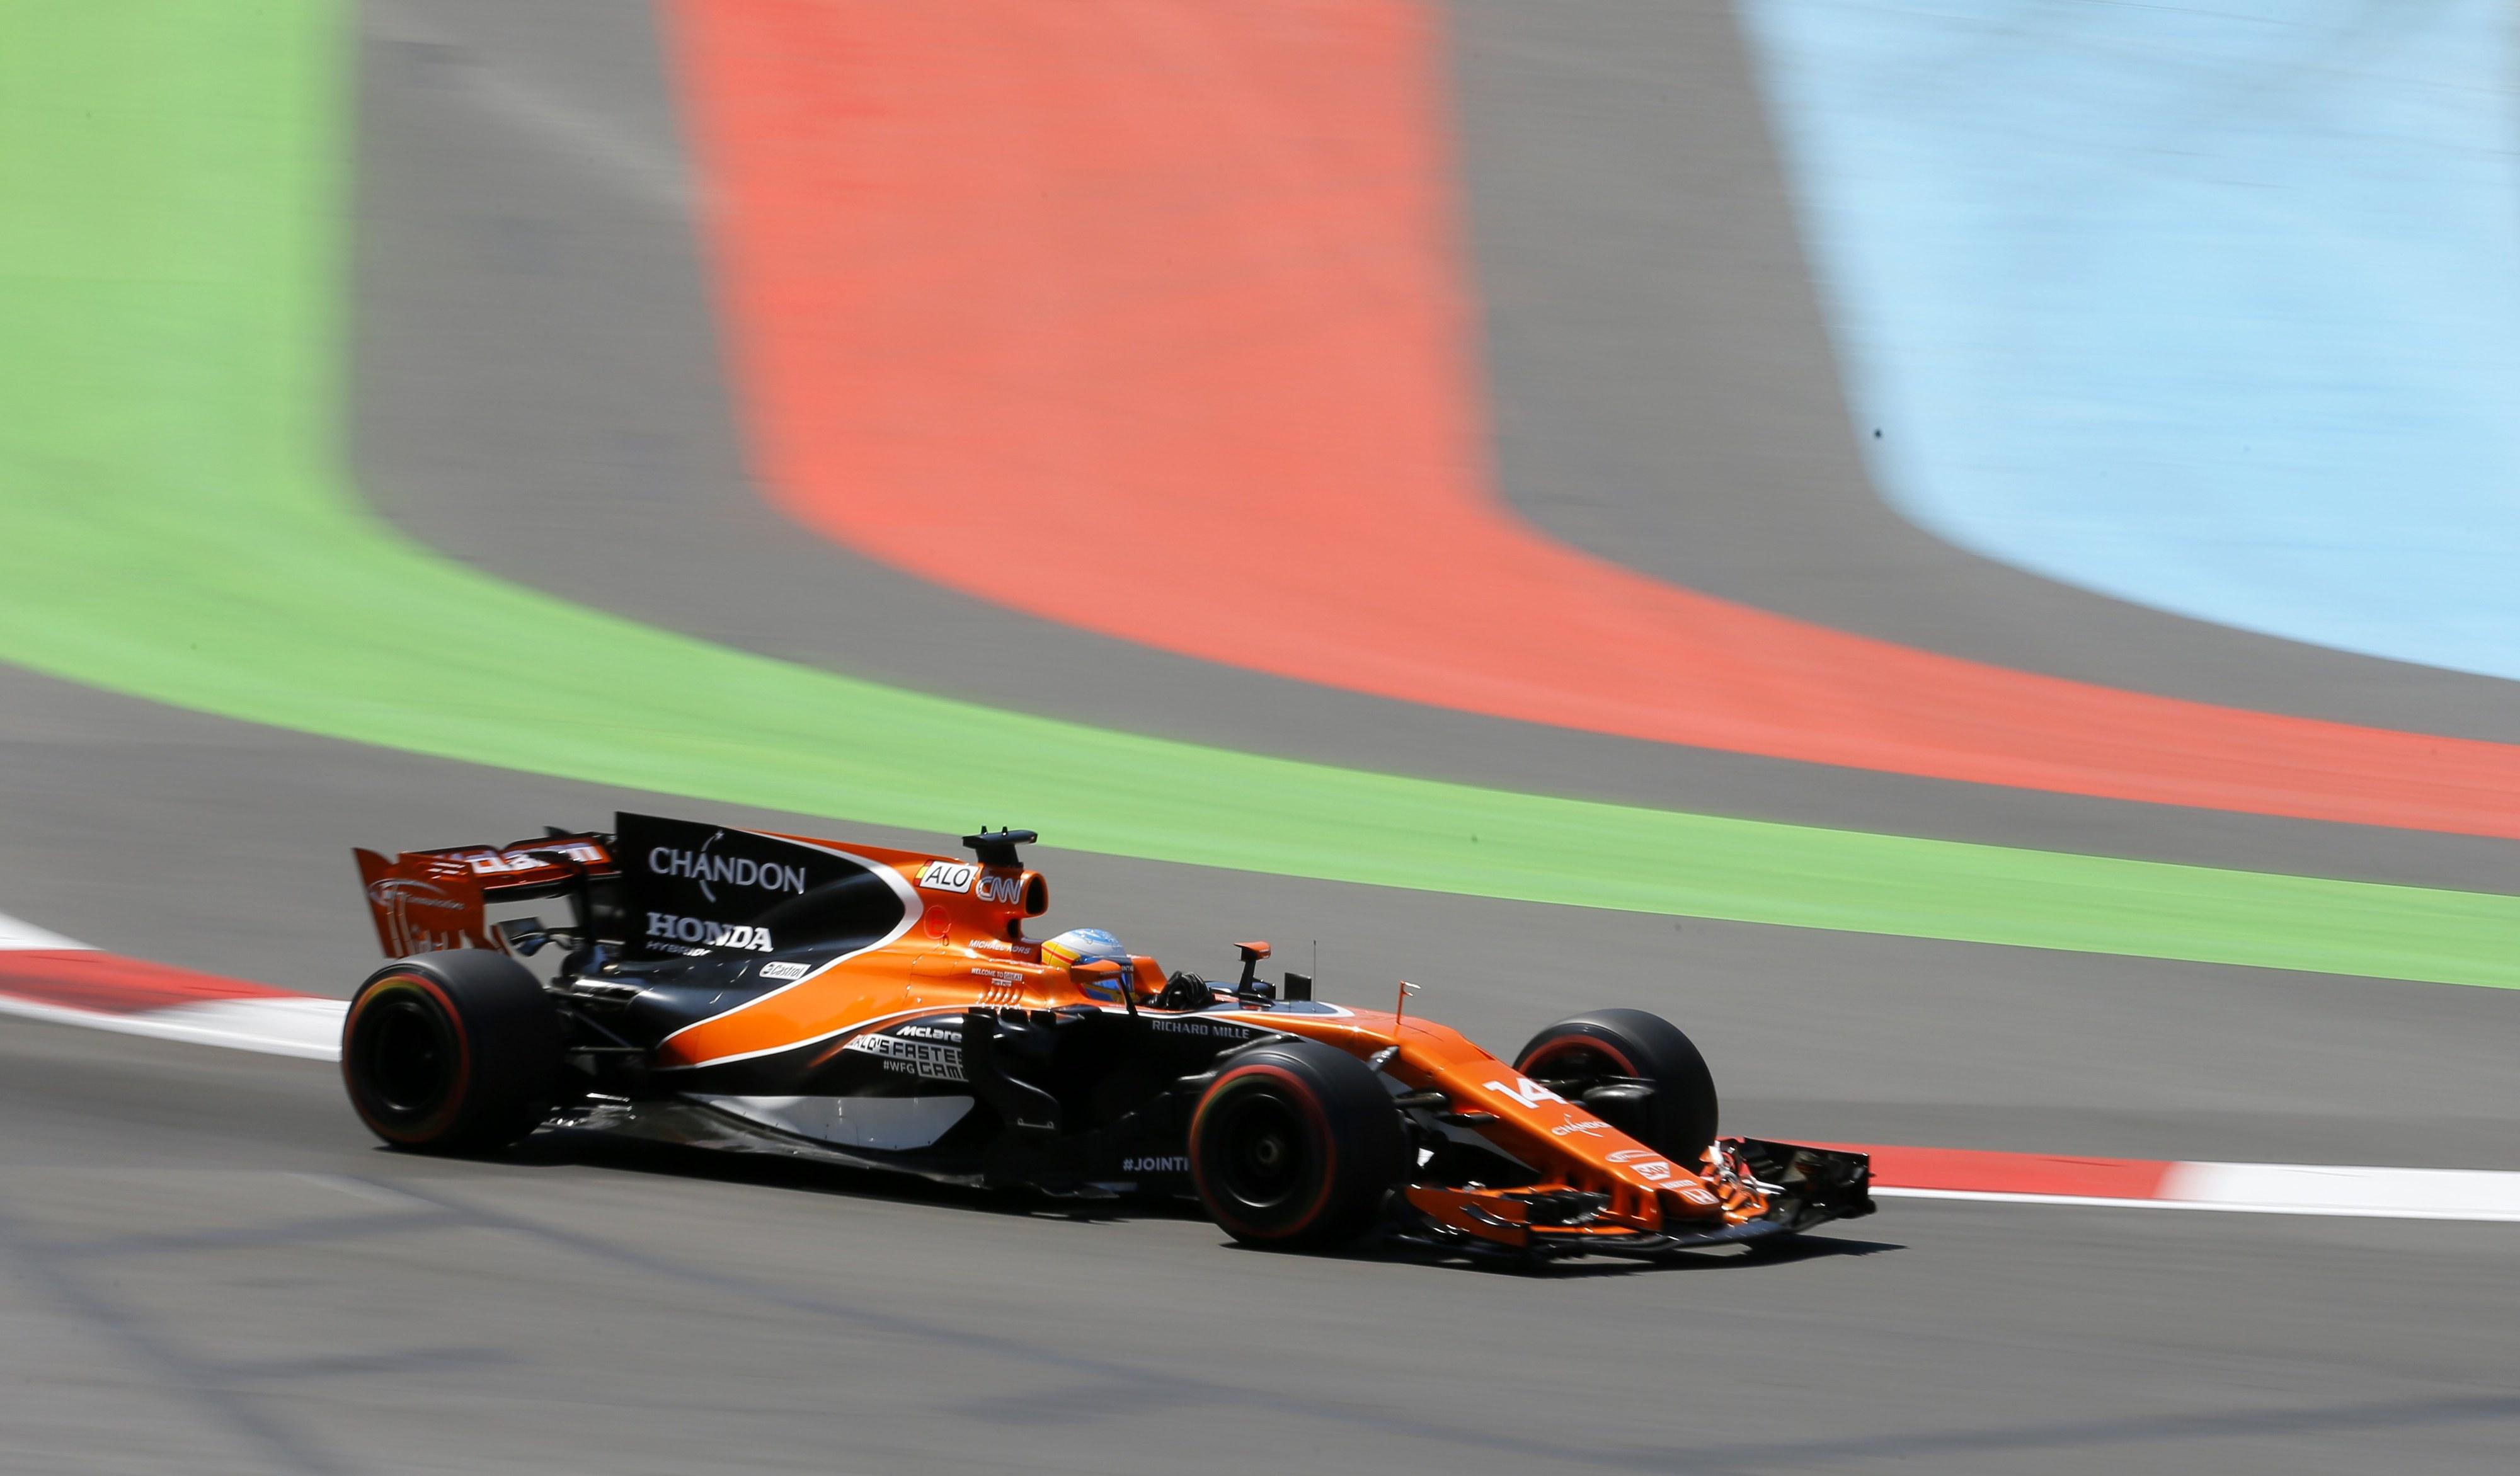 GP do Azerbaijão: Alonso com penalização de 40 lugares na grelha de partida